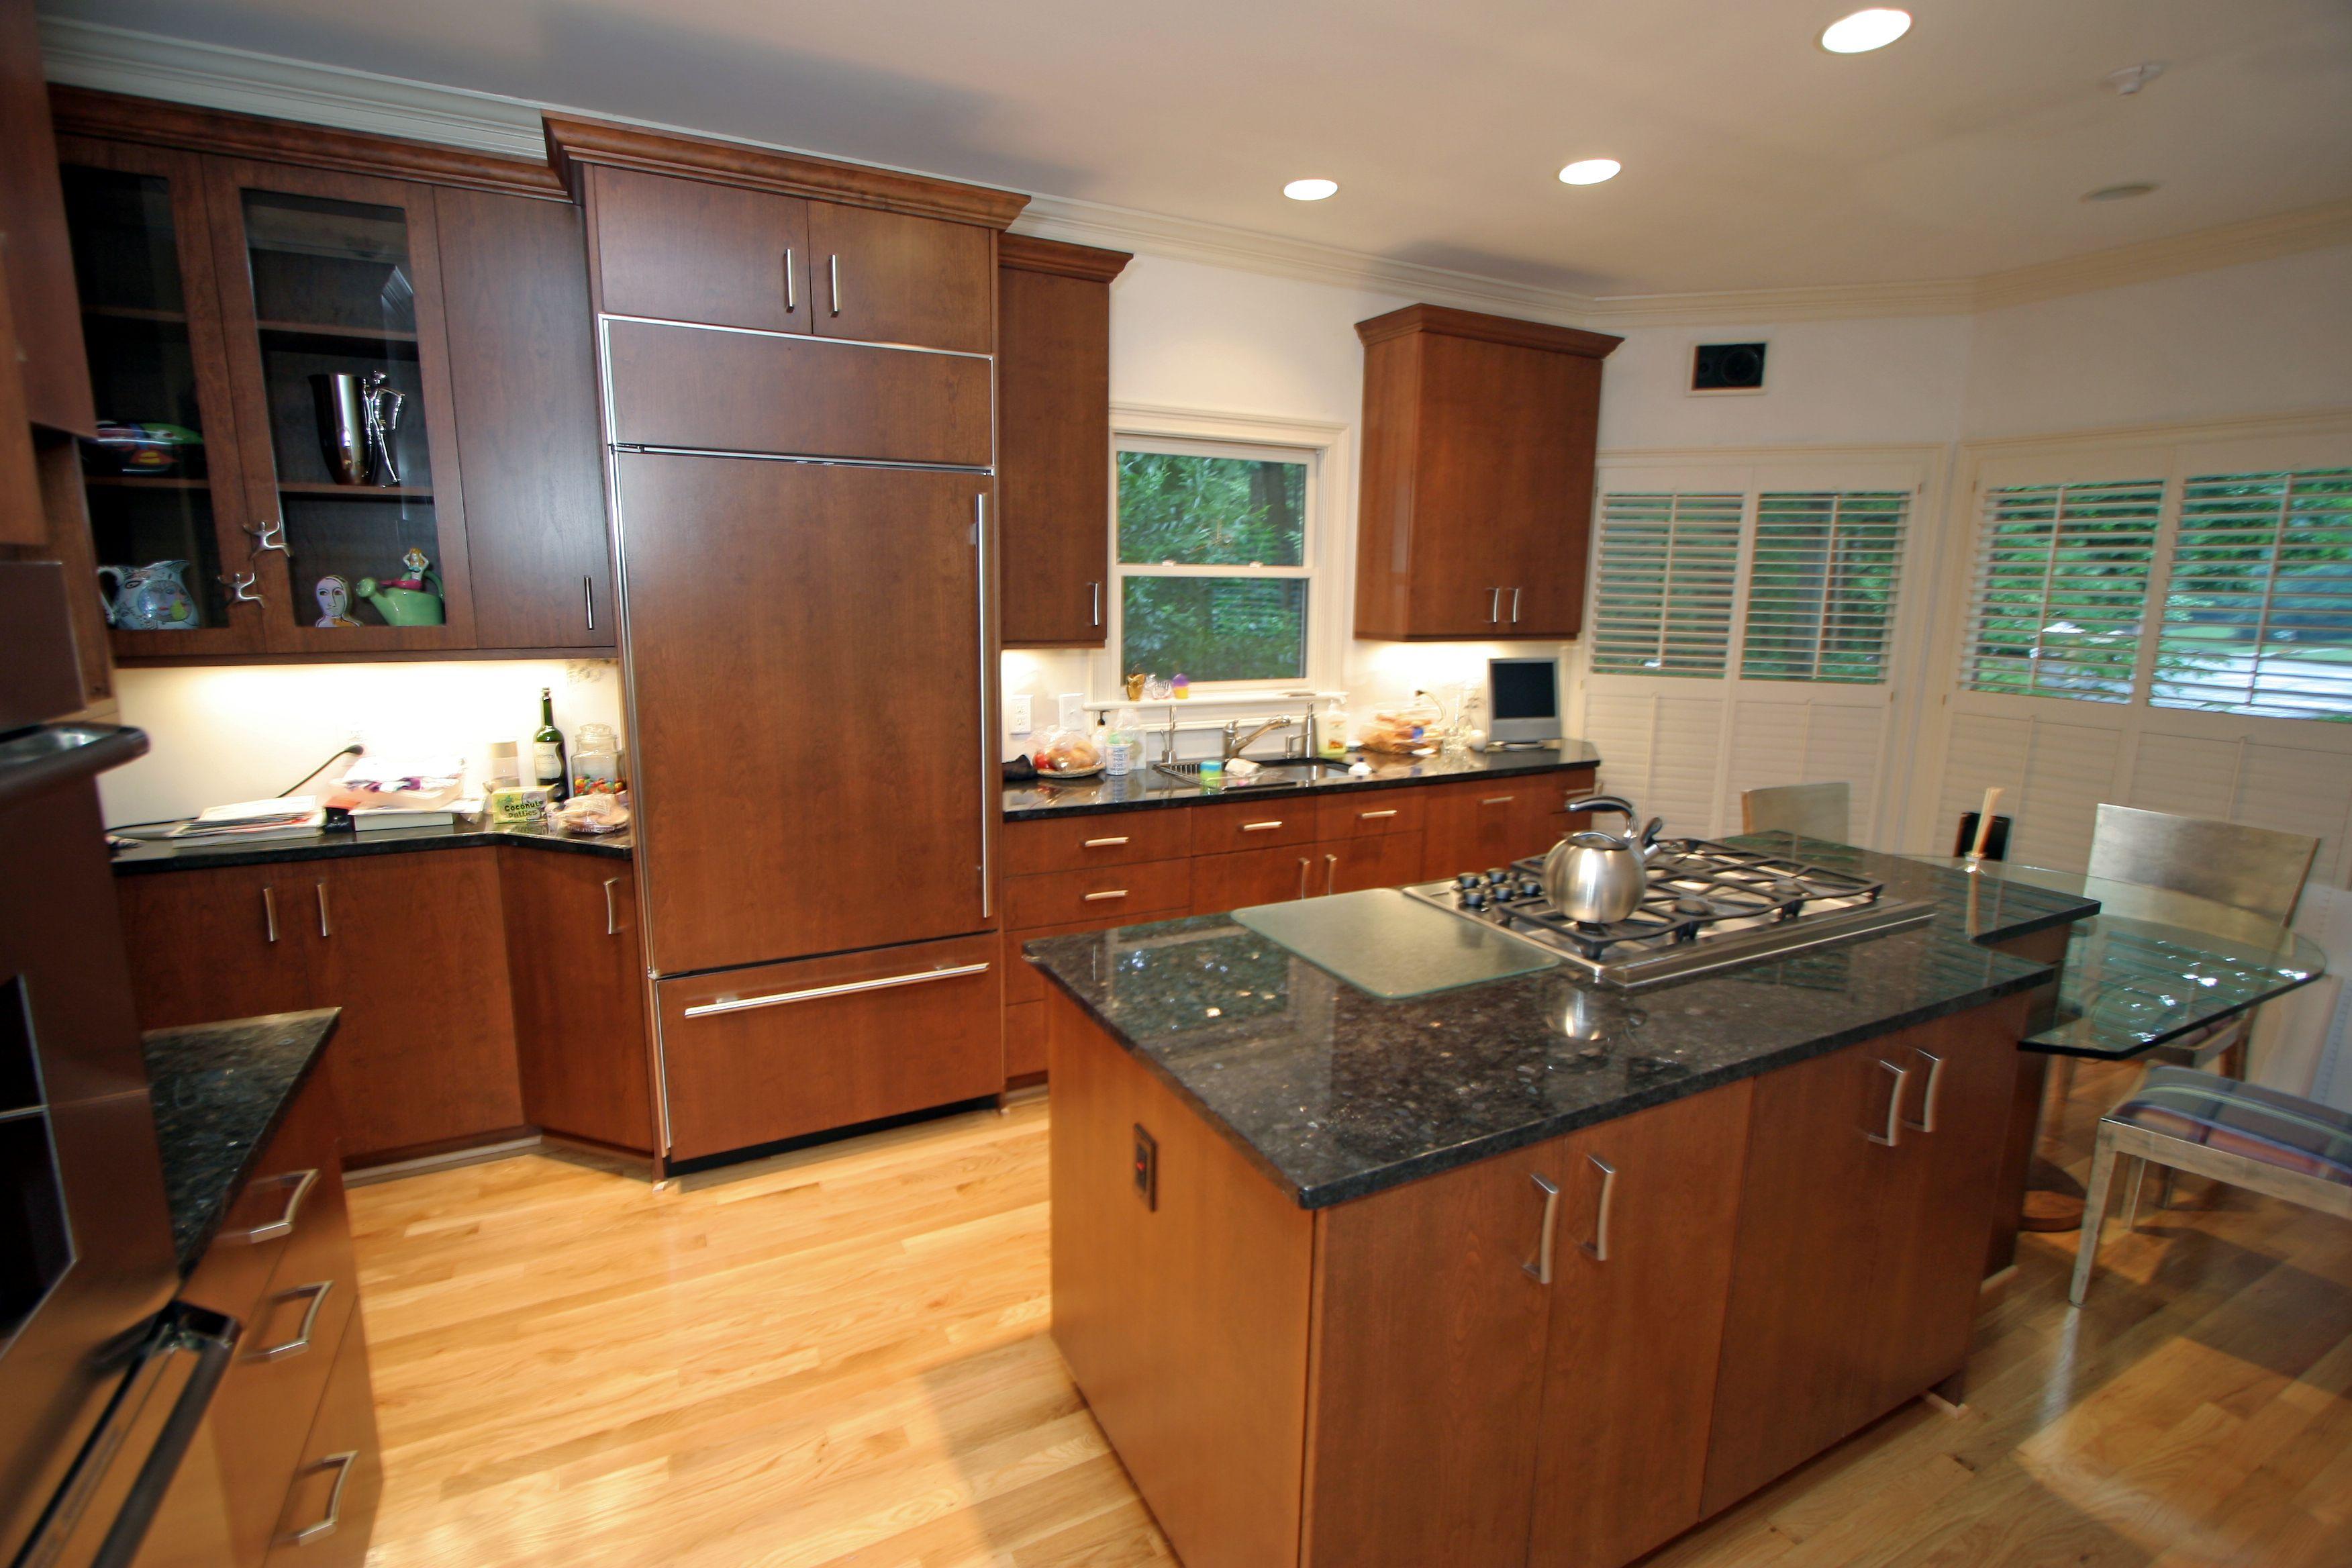 U-förmige küchendesigns blendend zimmer dekoration mit Üppigen holz küche schränke auch